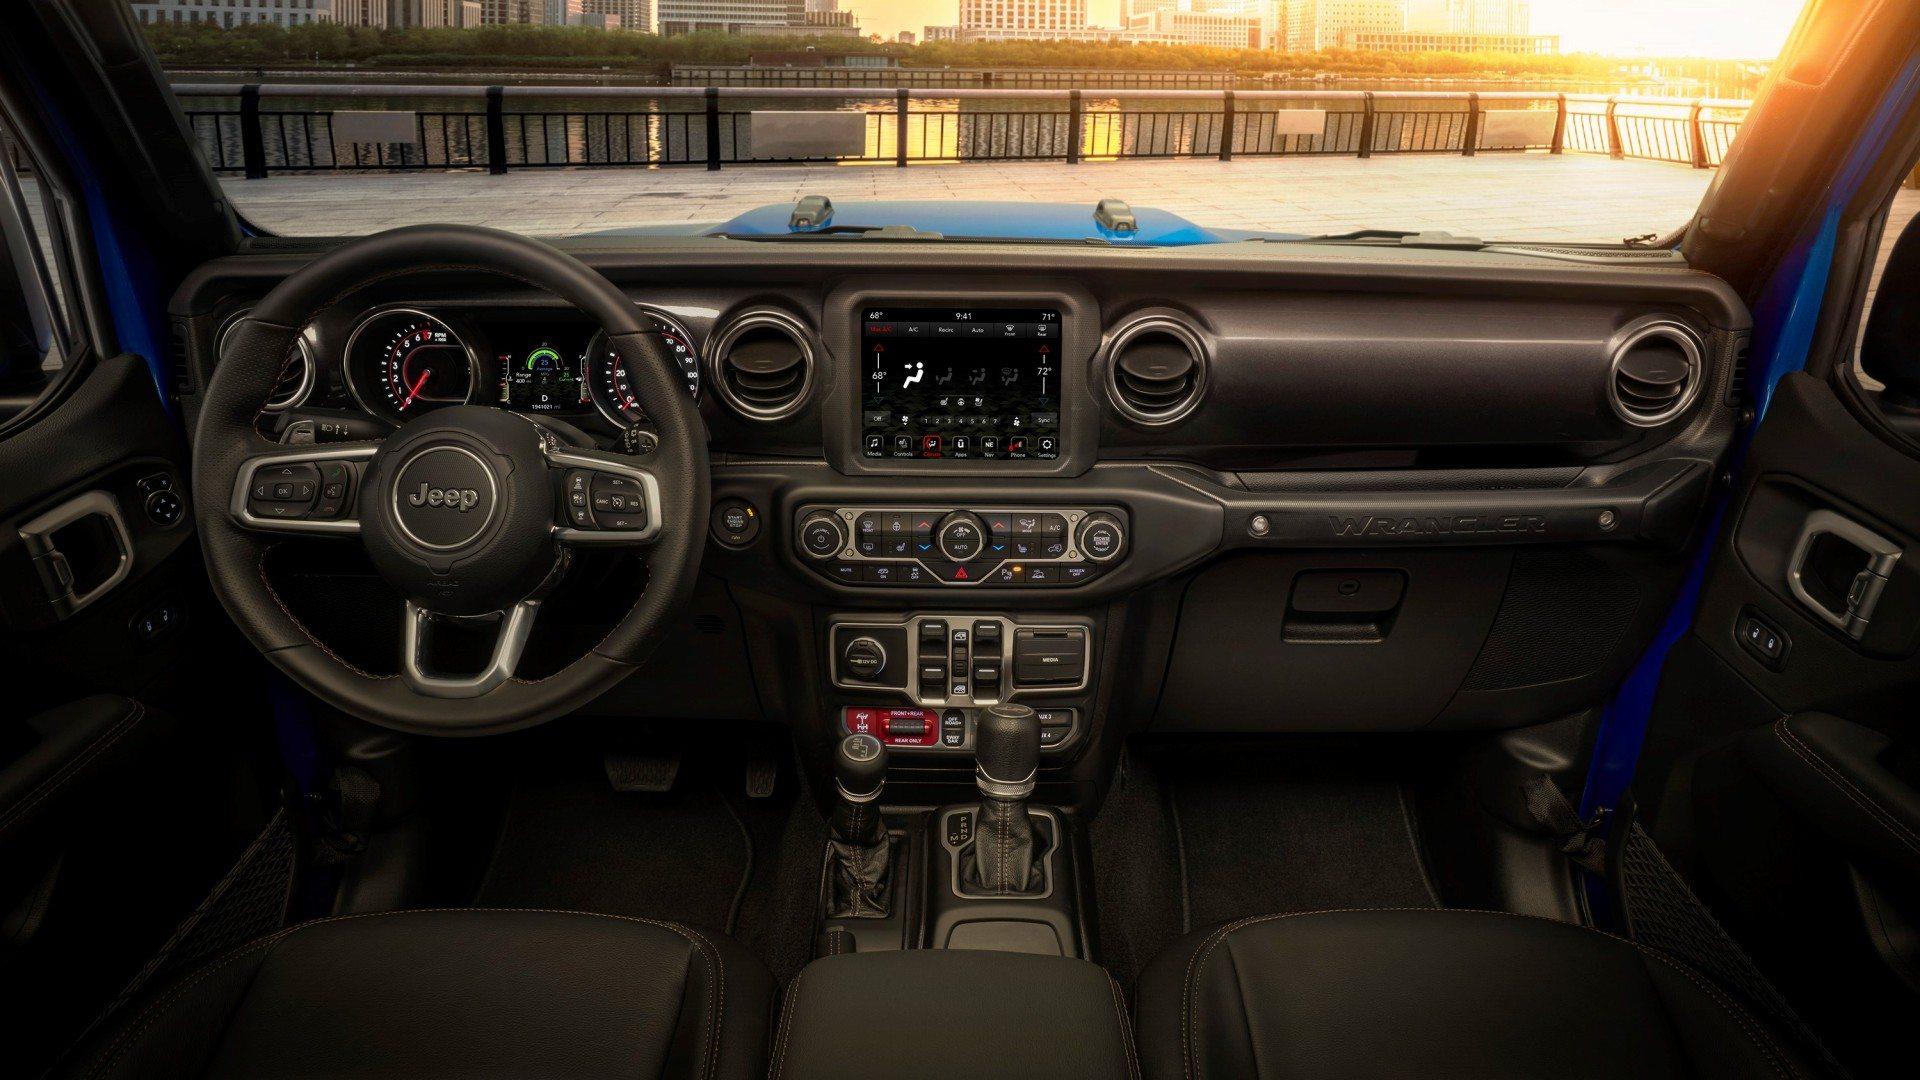 Jeep Wrangler Rubicon 392 2021 (72)